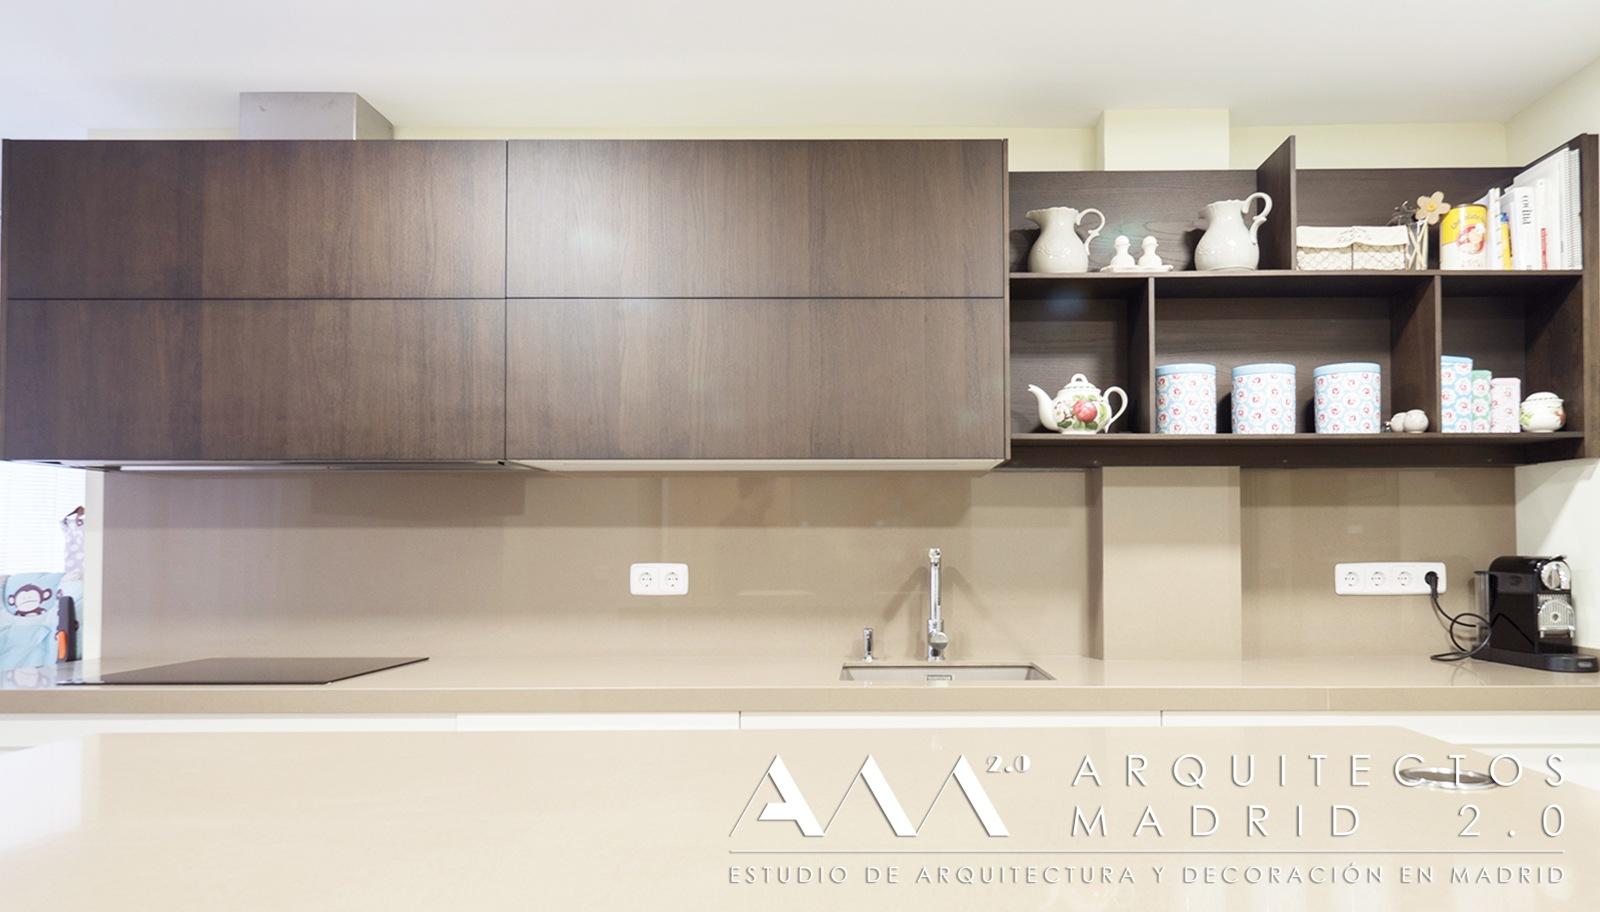 reforma-convertir-oficina-en-vivienda-arquitectos-madrid-13